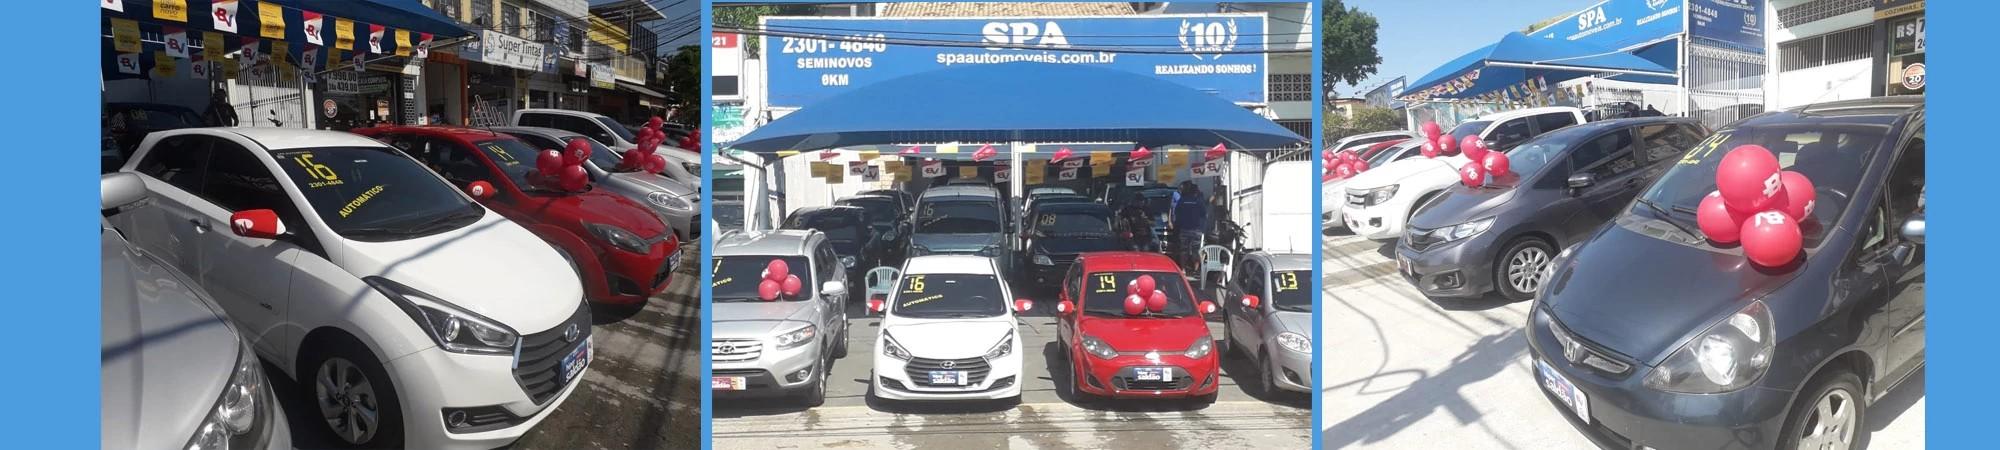 SPA Automóveis